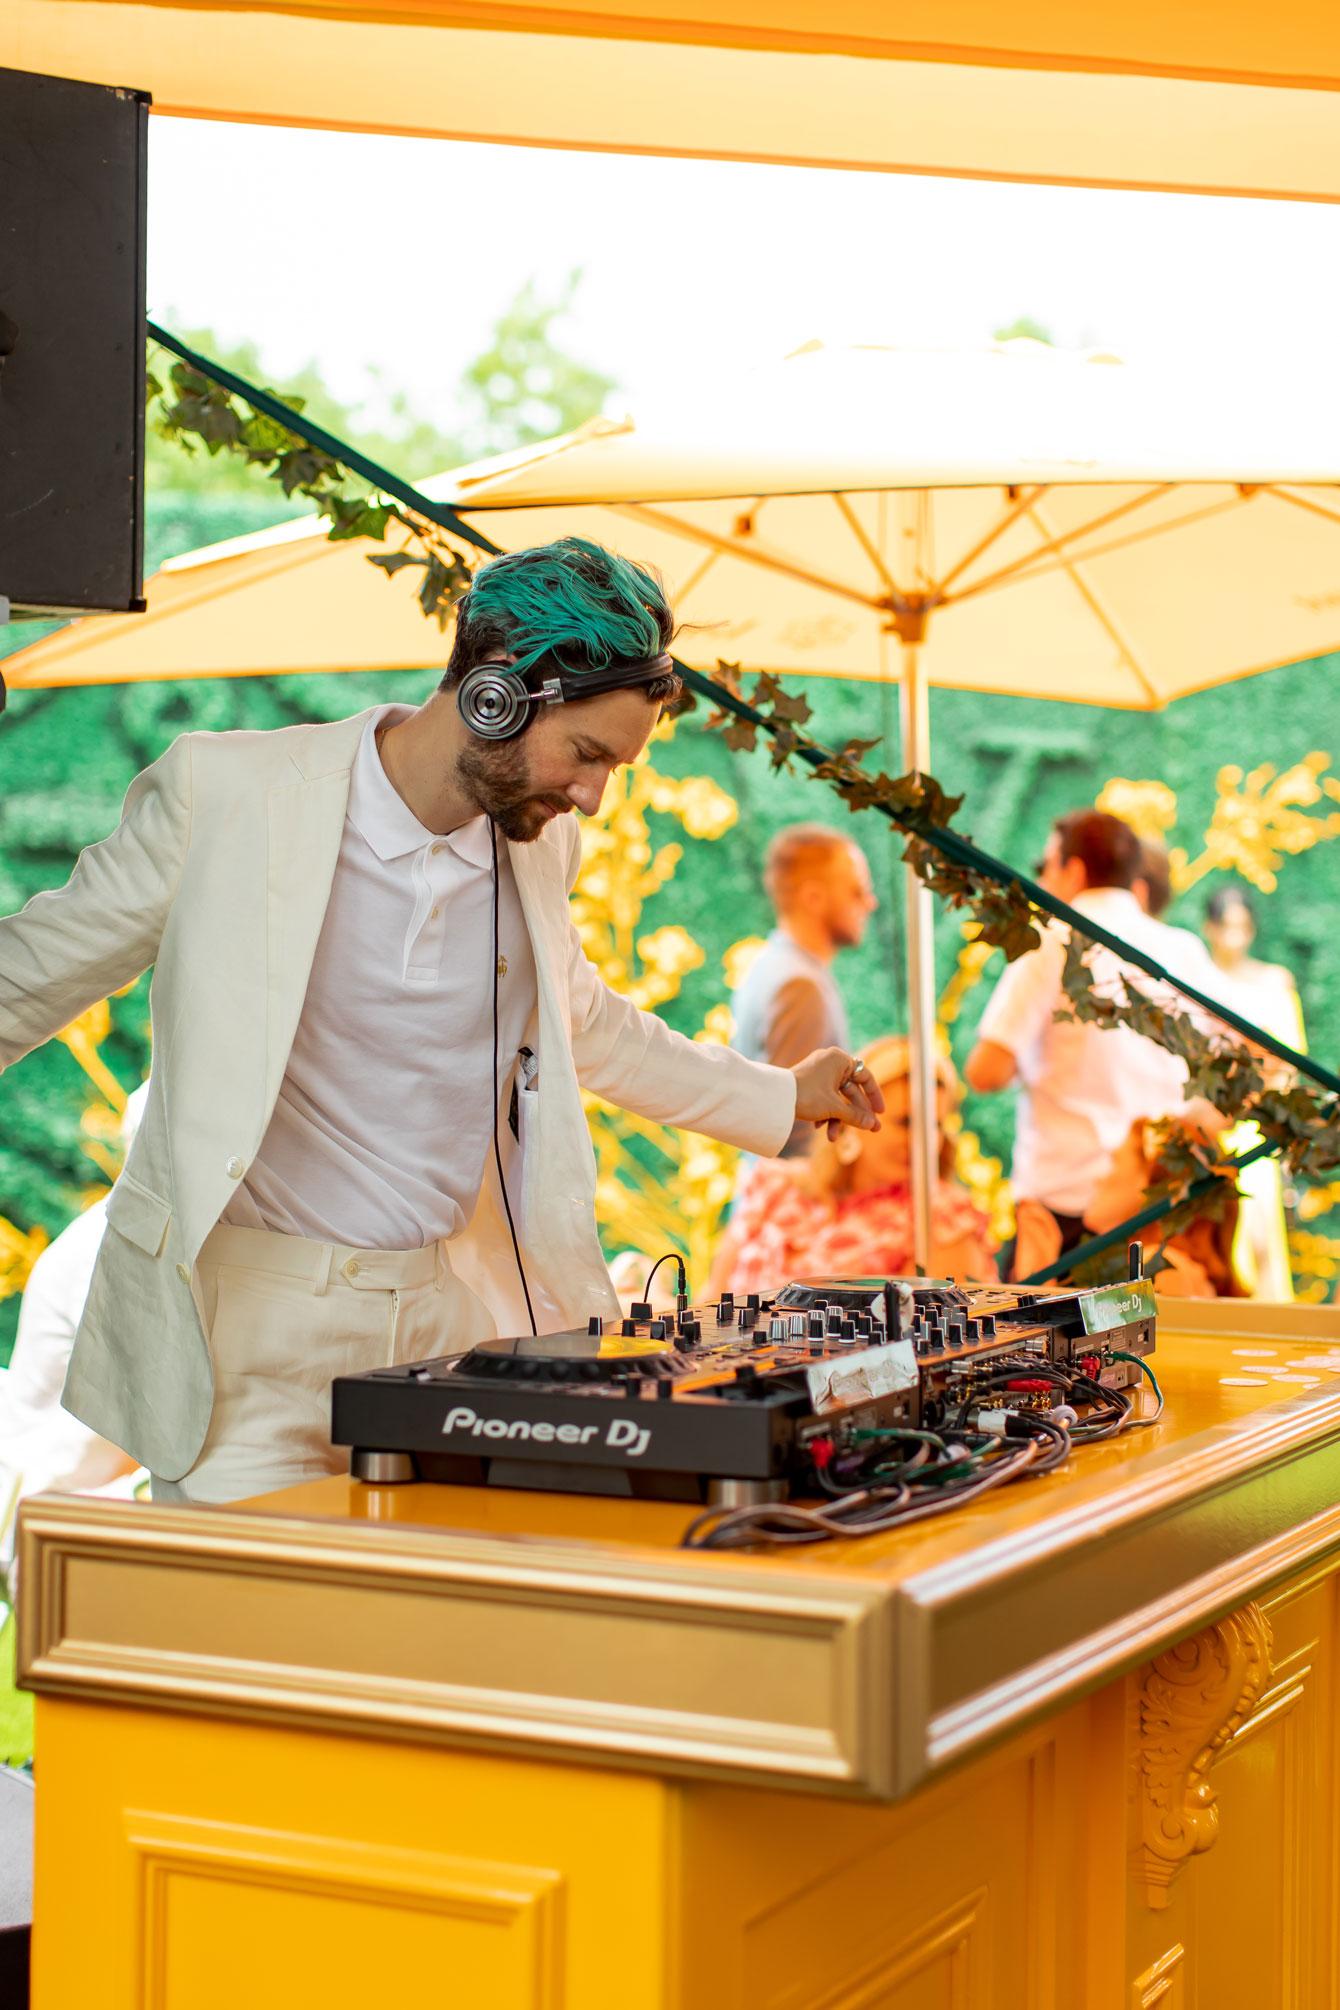 Veuve Clicquot Polo Classic DJ Music